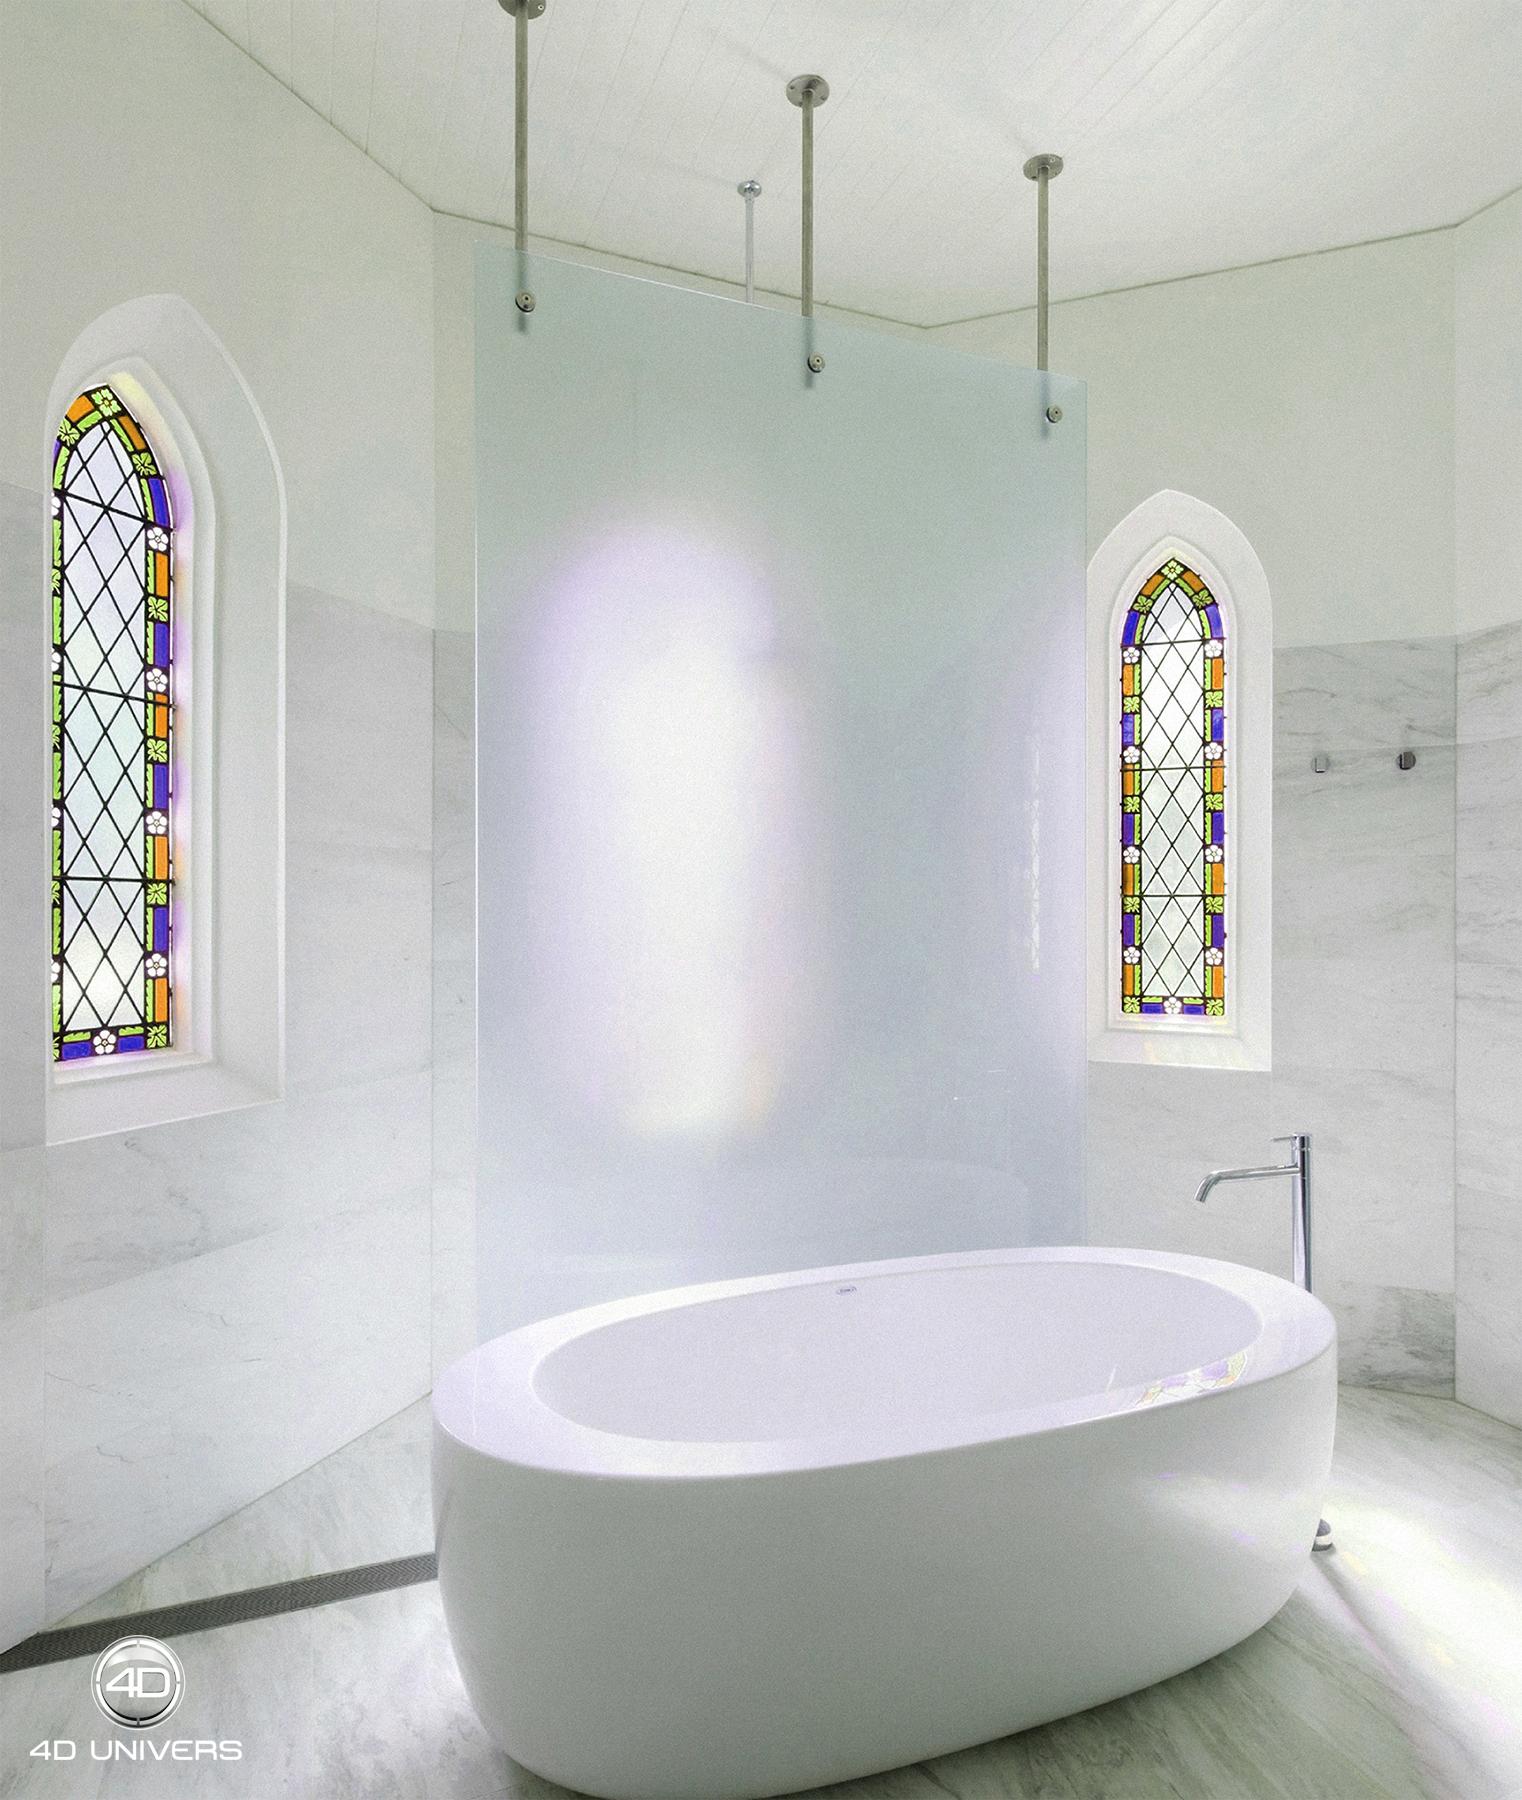 interieur-3d-luxe-paris-salle-de-bain-contemporain